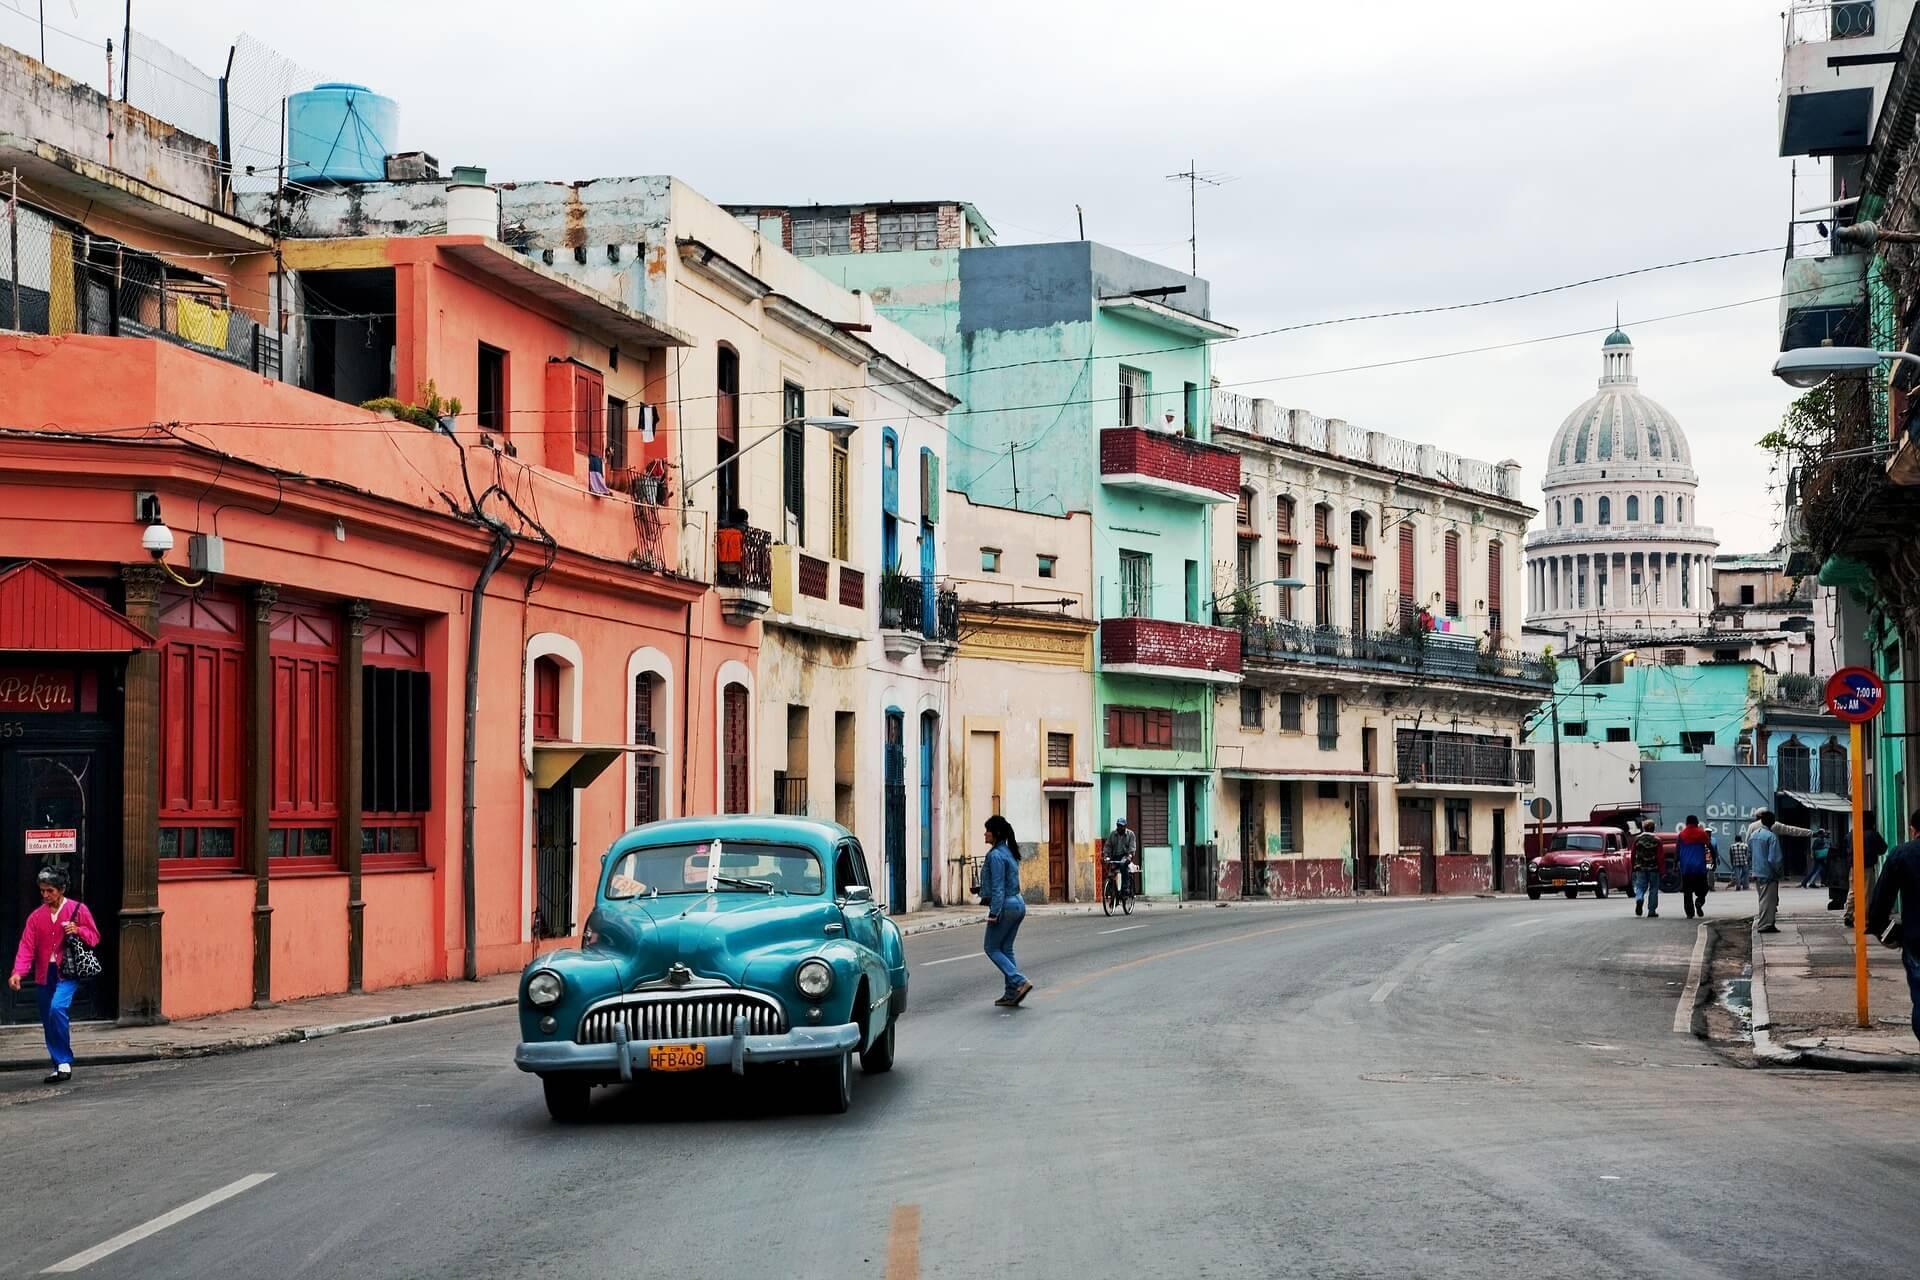 Direktflüge und Billigflüge nach Kuba